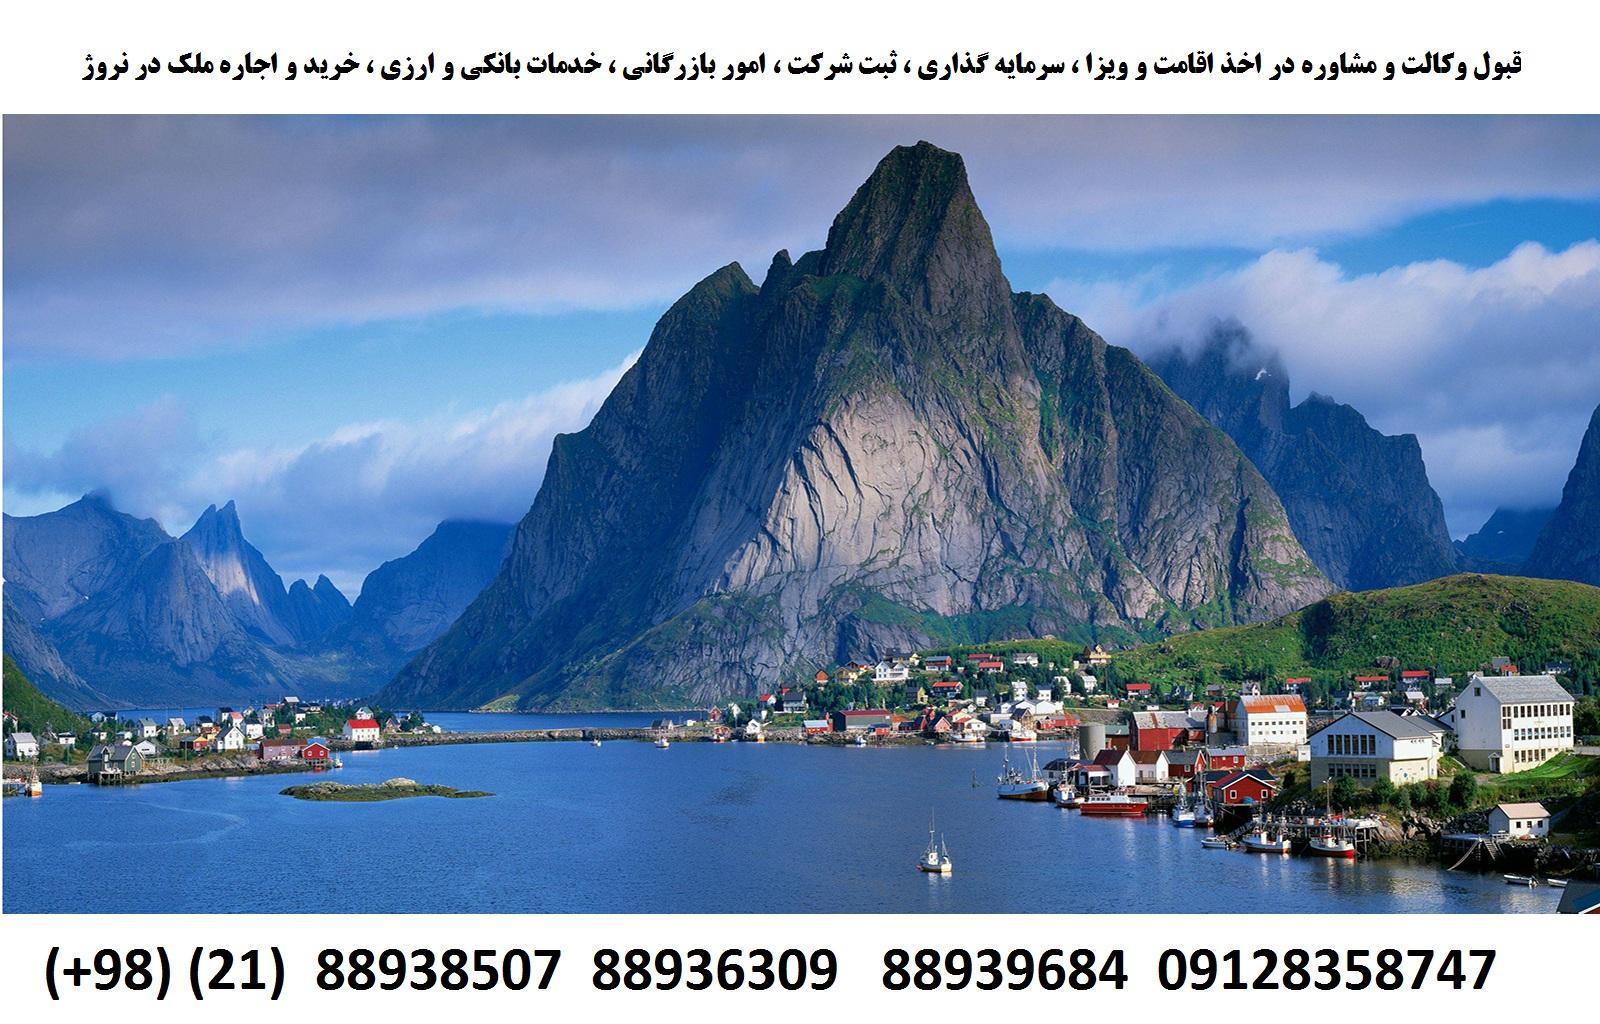 اقامت ، اخذ ویزا ، ثبت شرکت ، سرمایه گذاری در نروژ (4)